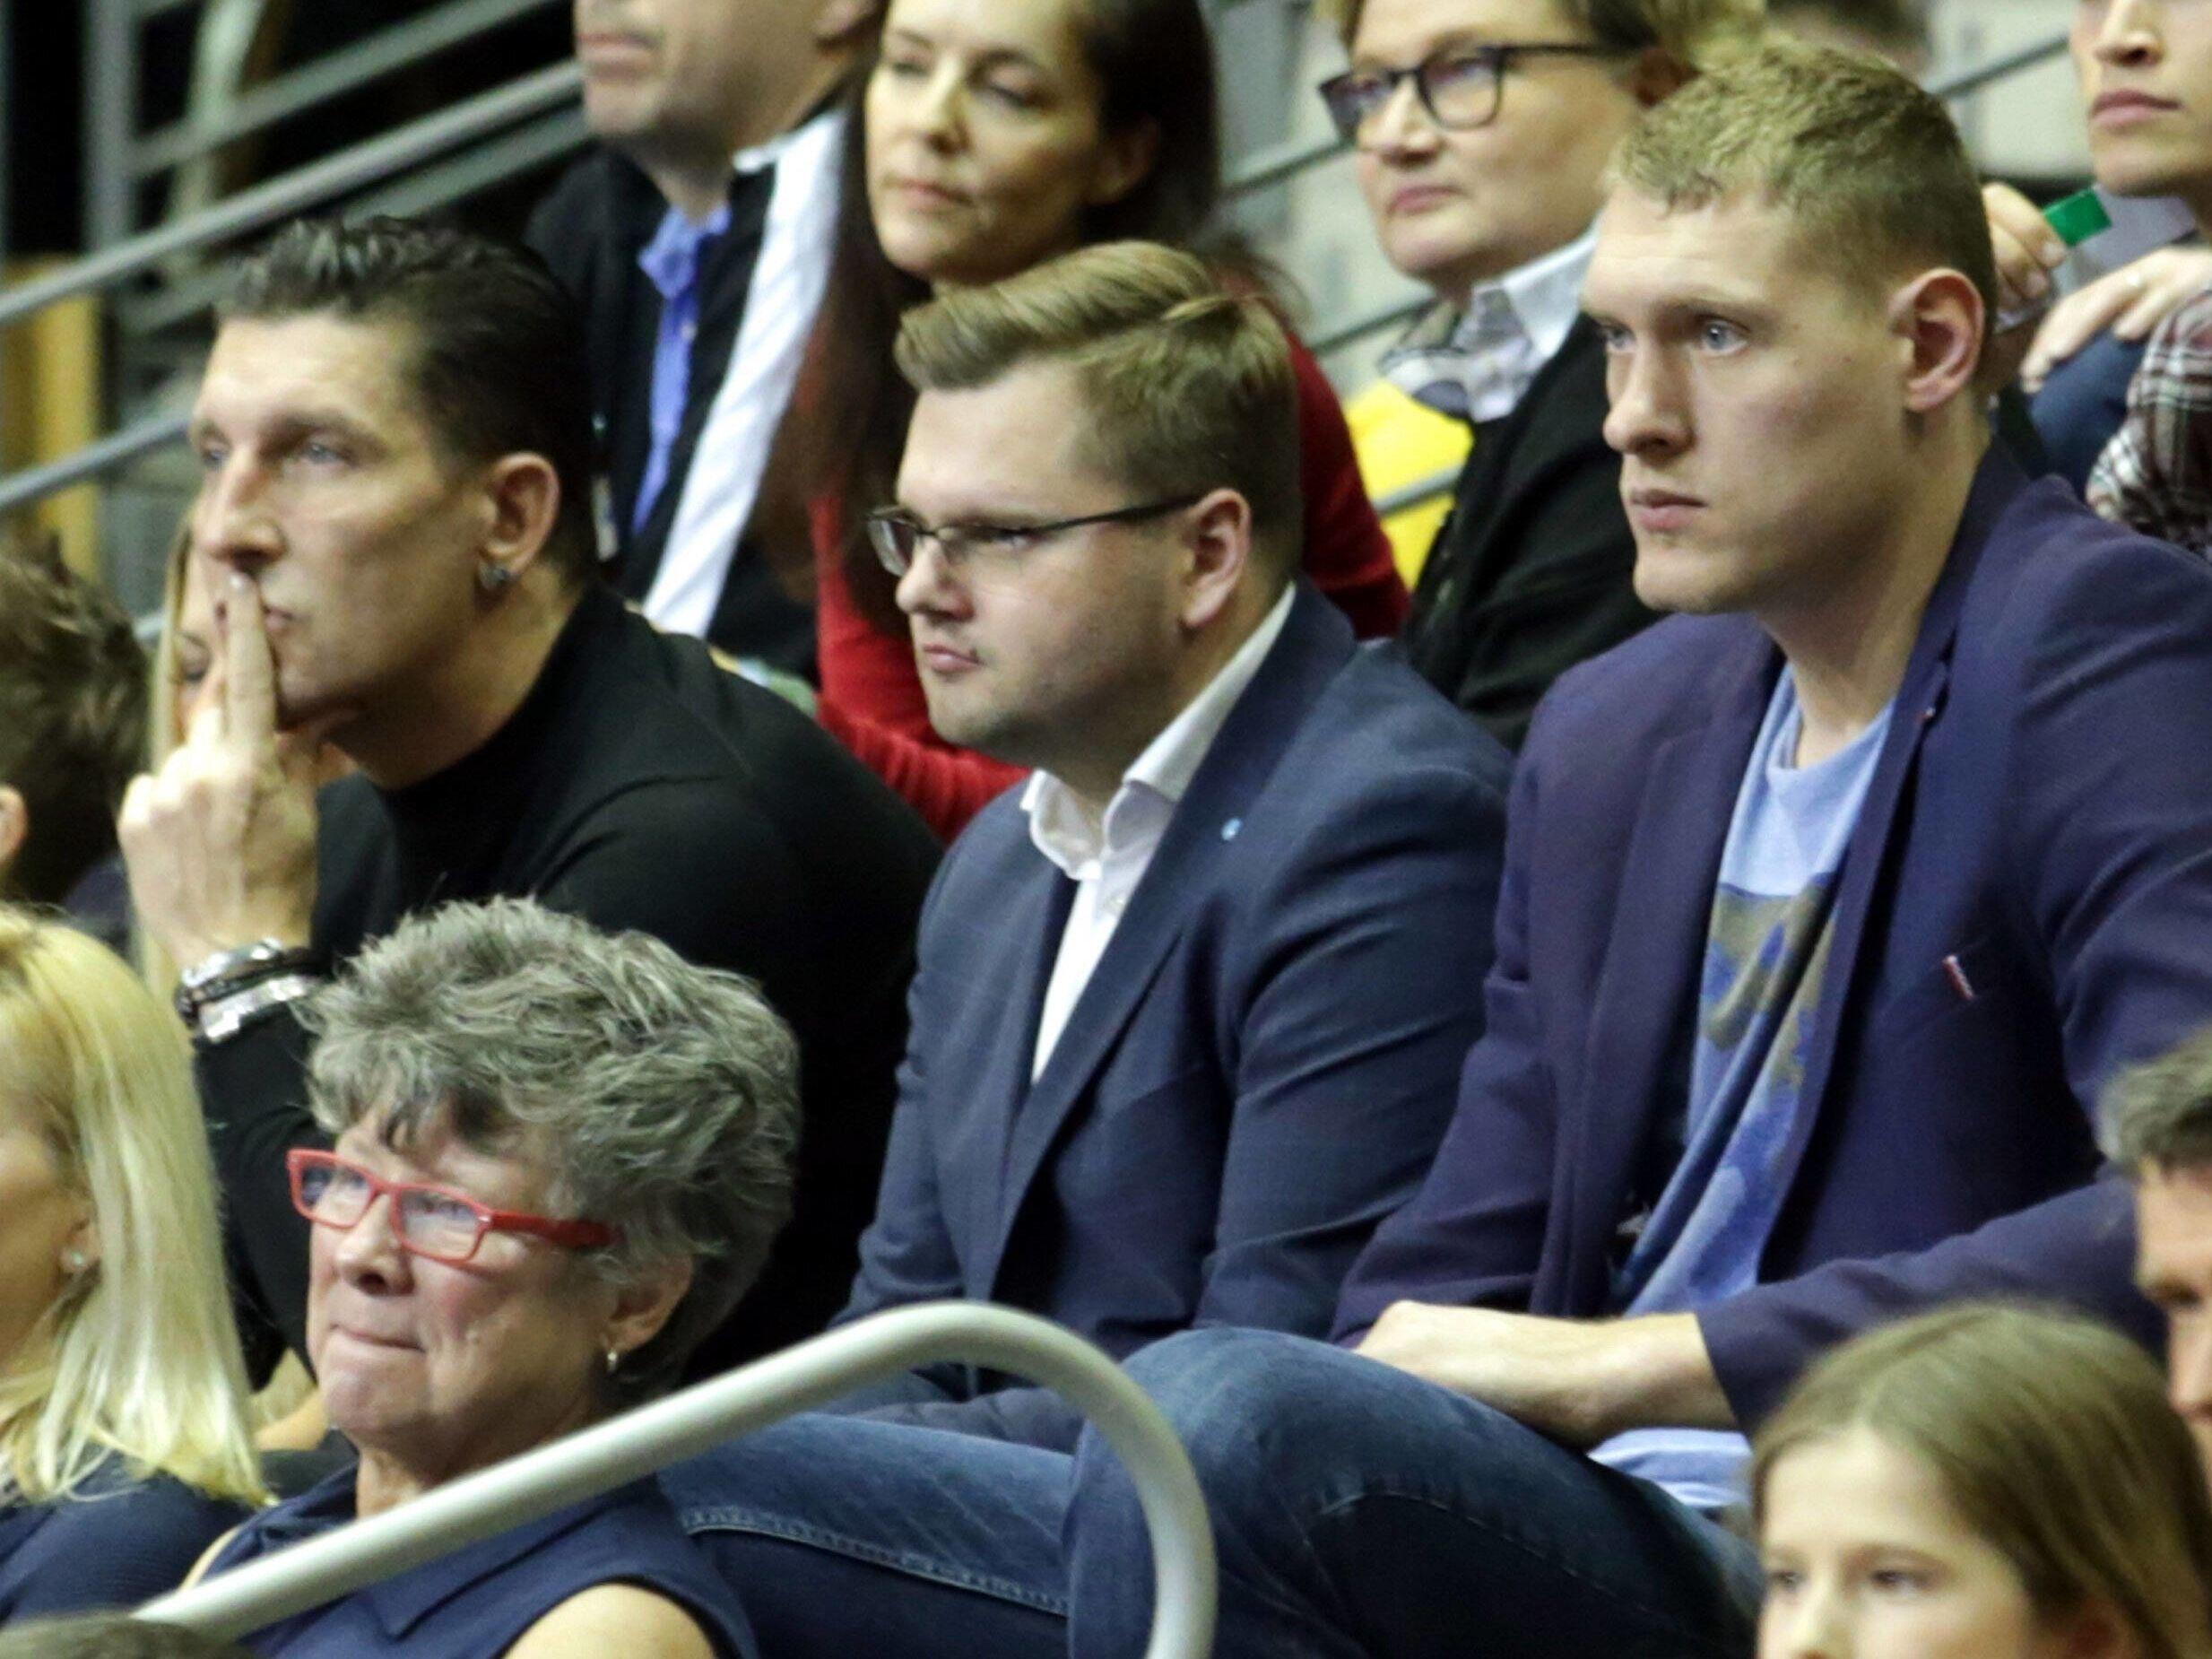 Stefan Kretschmar (li.) verfolgt das Spiel zusammen mit Neuzugang Dainis Kristopans (re.) von der Tribüne aus.